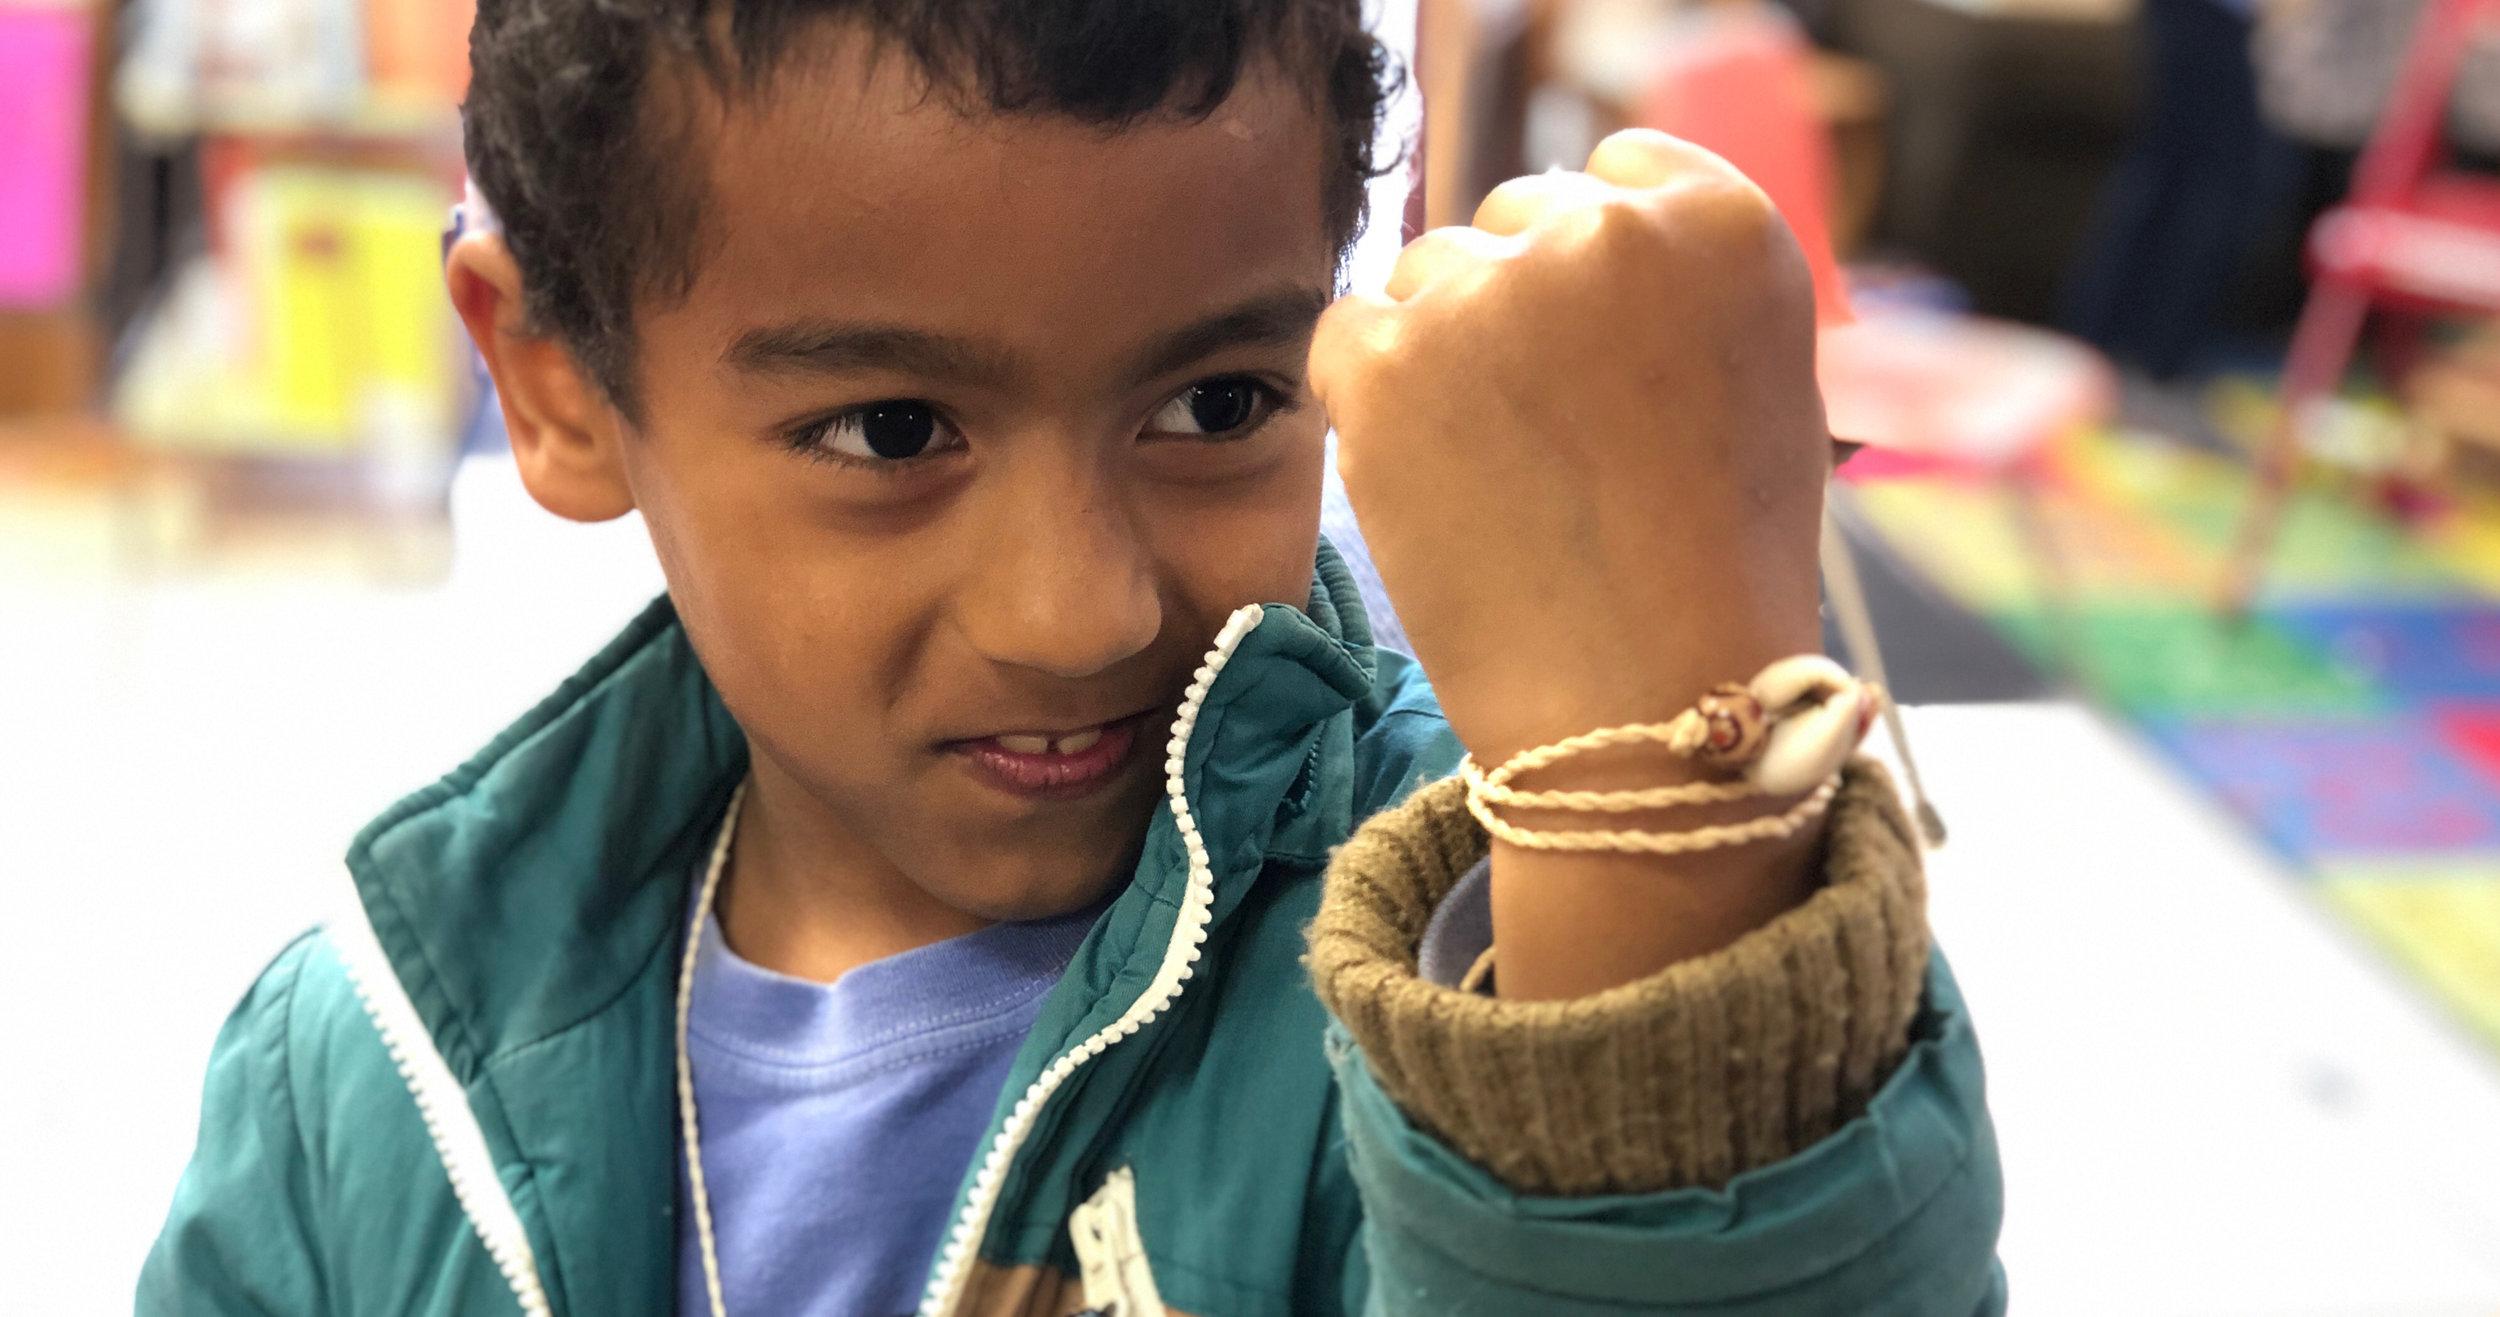 Proud of his cordage bracelet!